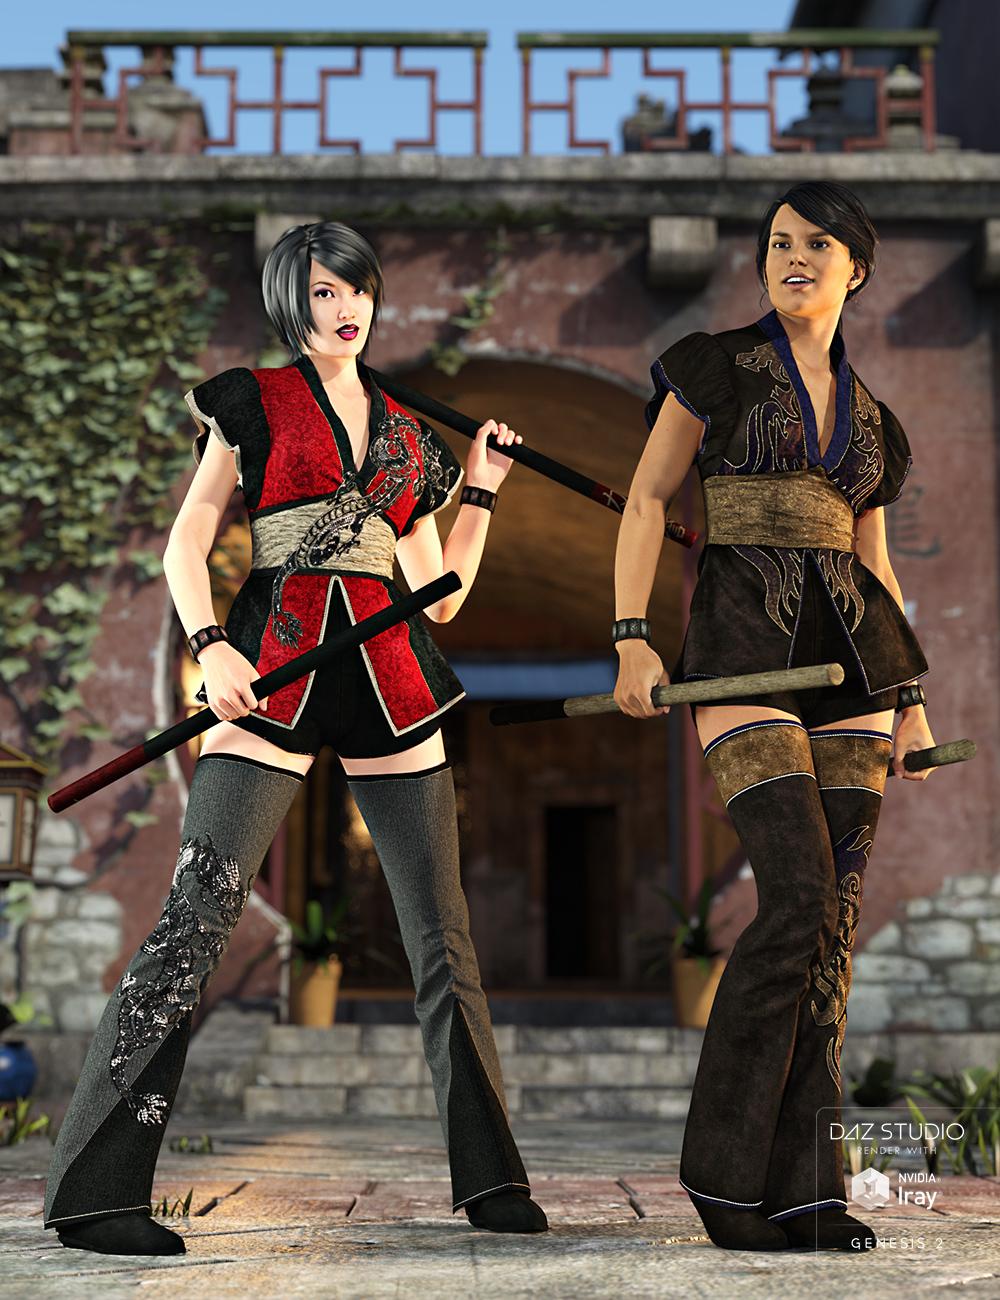 Dragon Rage for Battle Kimono by: Sarsa, 3D Models by Daz 3D